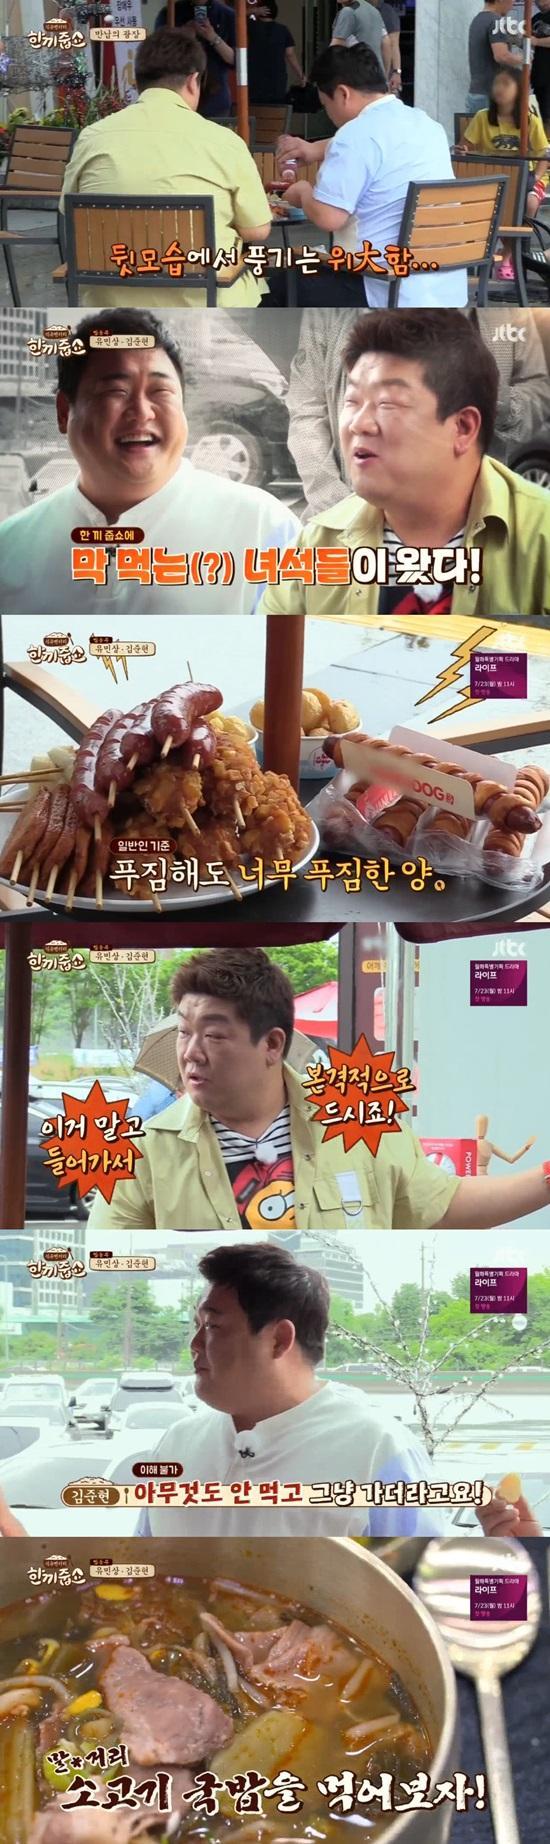 유민상X김준현, '한끼줍쇼'에서 '맛